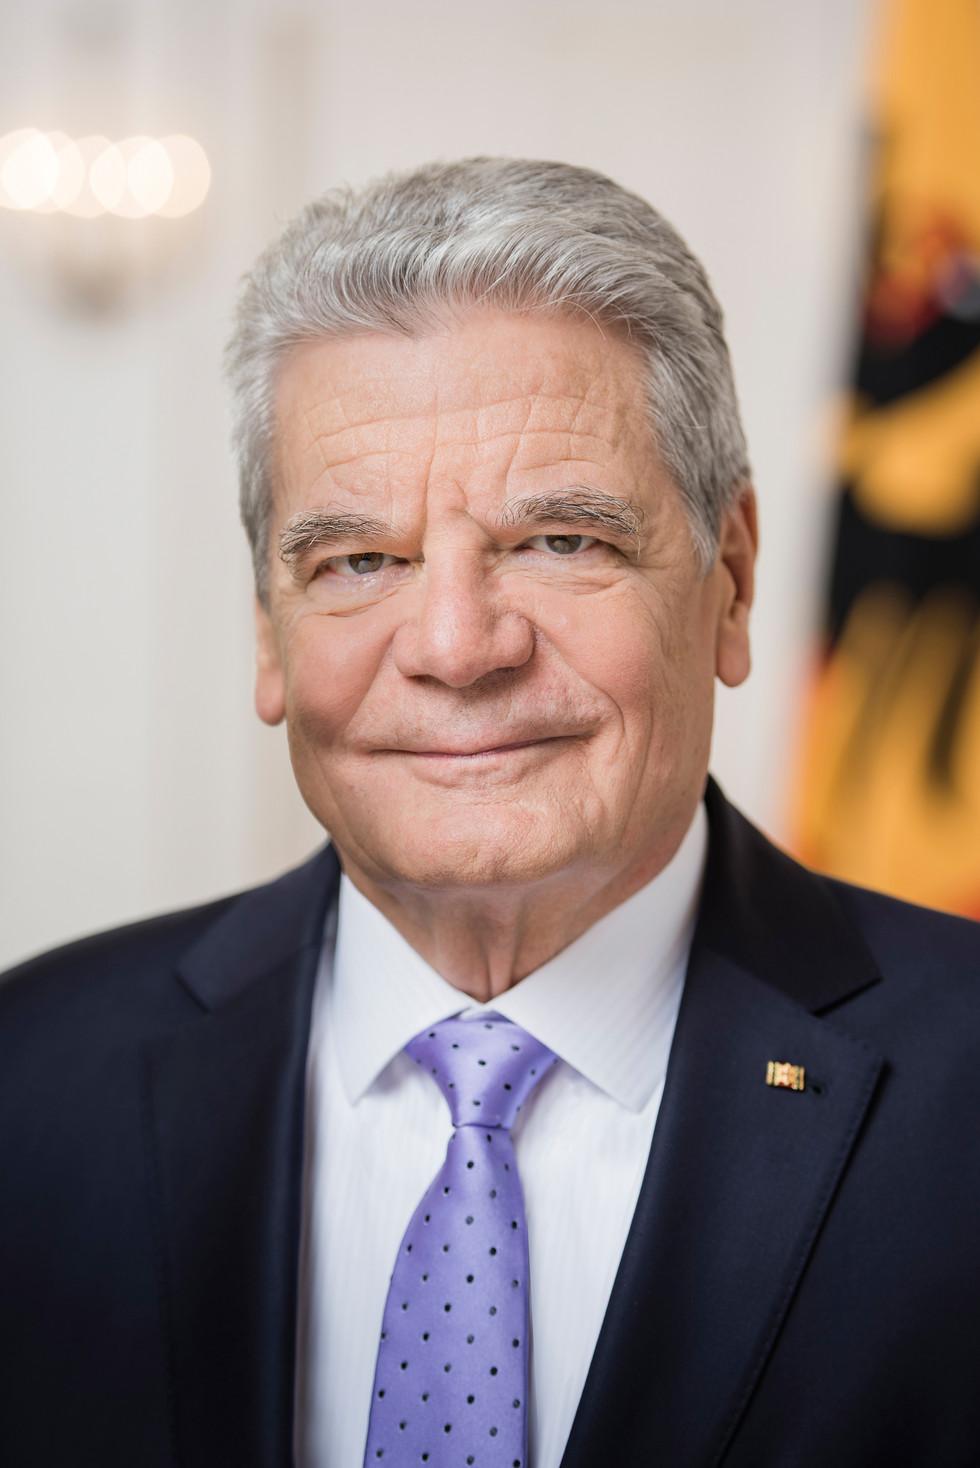 Offizielles Portaitfoto Bundespräsident Joachim Gauck